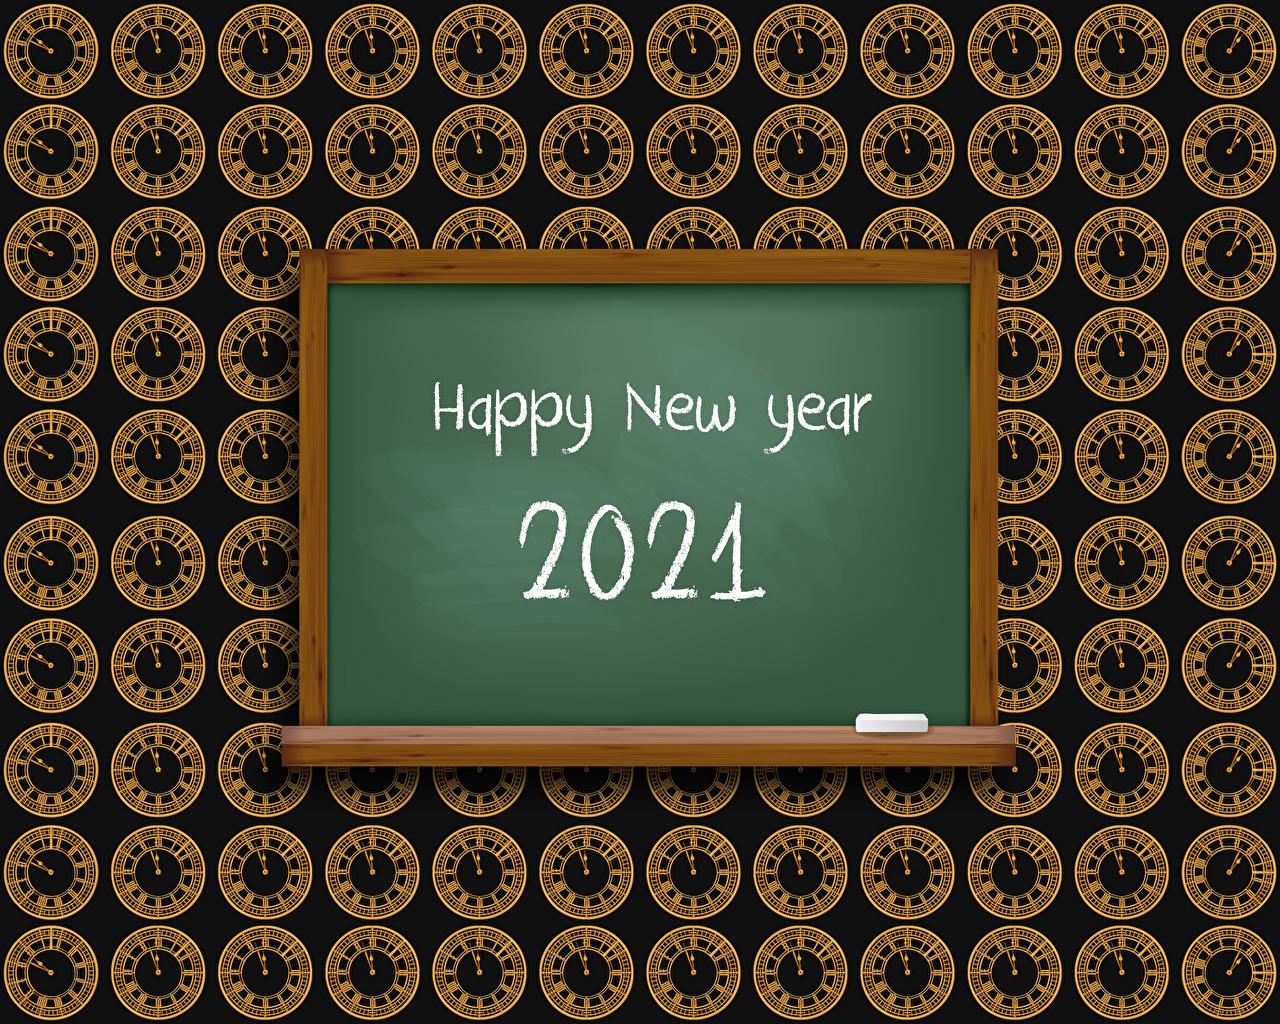 новый год 2021 как привлечь удачу